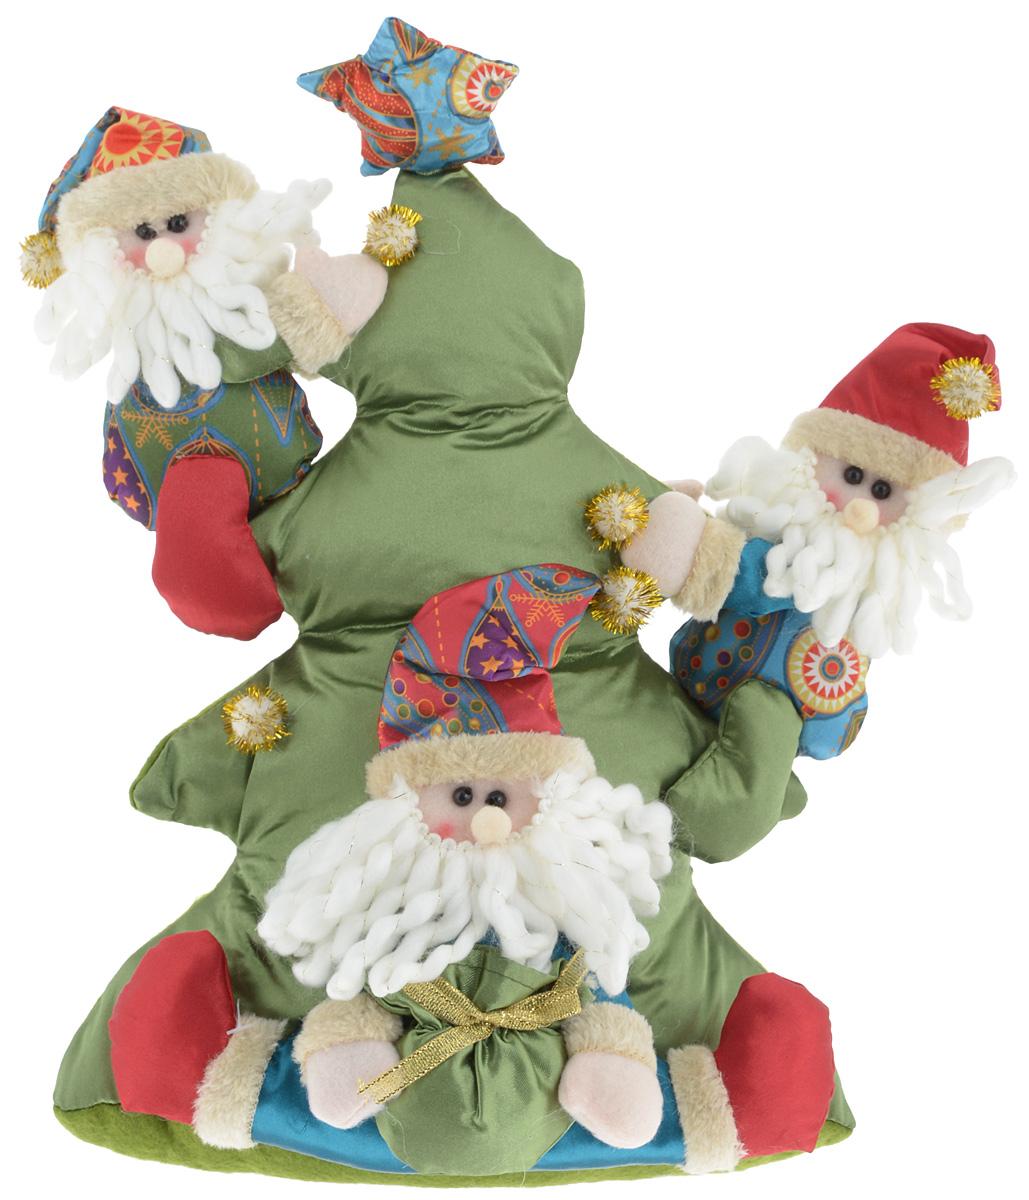 Украшение новогоднее декоративное Win Max Веселый праздник. Дед Мороз, высота 34 см175839_Дед МорозУкрашение новогоднее декоративное Win Max Веселый праздник. Дед Мороз прекрасно подойдет для праздничного декора вашего дома. Изделие выполнено из текстиля с наполнителем из синтепона в виде трех Дедов Морозов, которые карабкаются на елку. Для утяжеления и повышения устойчивости игрушки служит гранулят из полимера. Новогодние украшения несут в себе волшебство и красоту праздника. Они помогут вам украсить дом к предстоящим праздникам и оживить интерьер. Создайте в доме атмосферу тепла, веселья и радости, украшая его всей семьей. Кроме того, такая игрушка станет приятным подарком, который надолго сохранит память этого волшебного времени года.